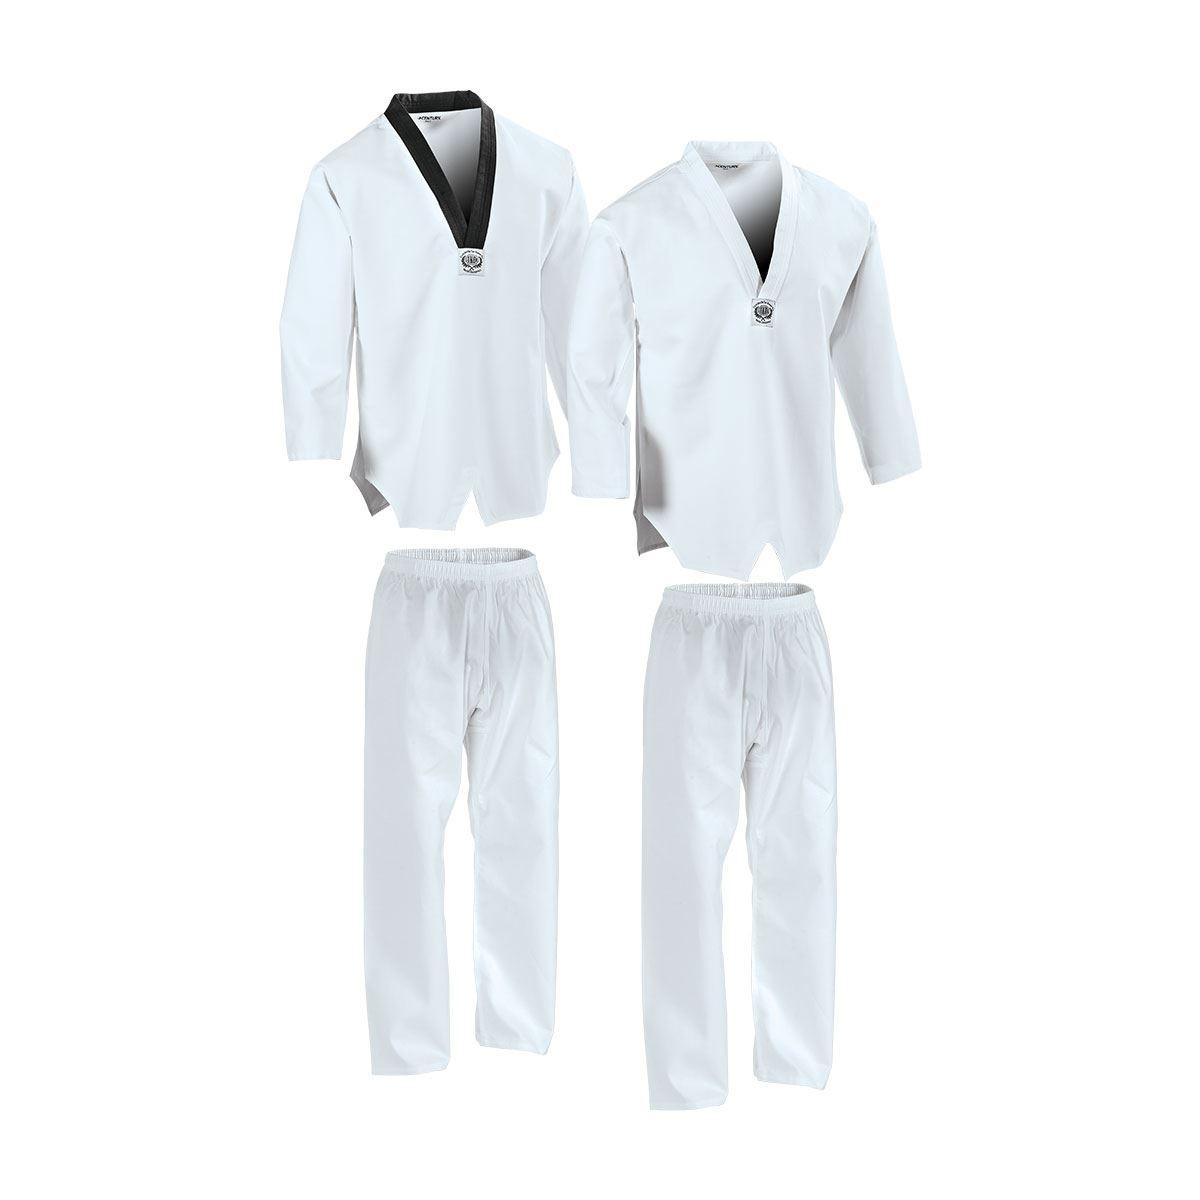 Middleweight Taekwondo Student Uniform